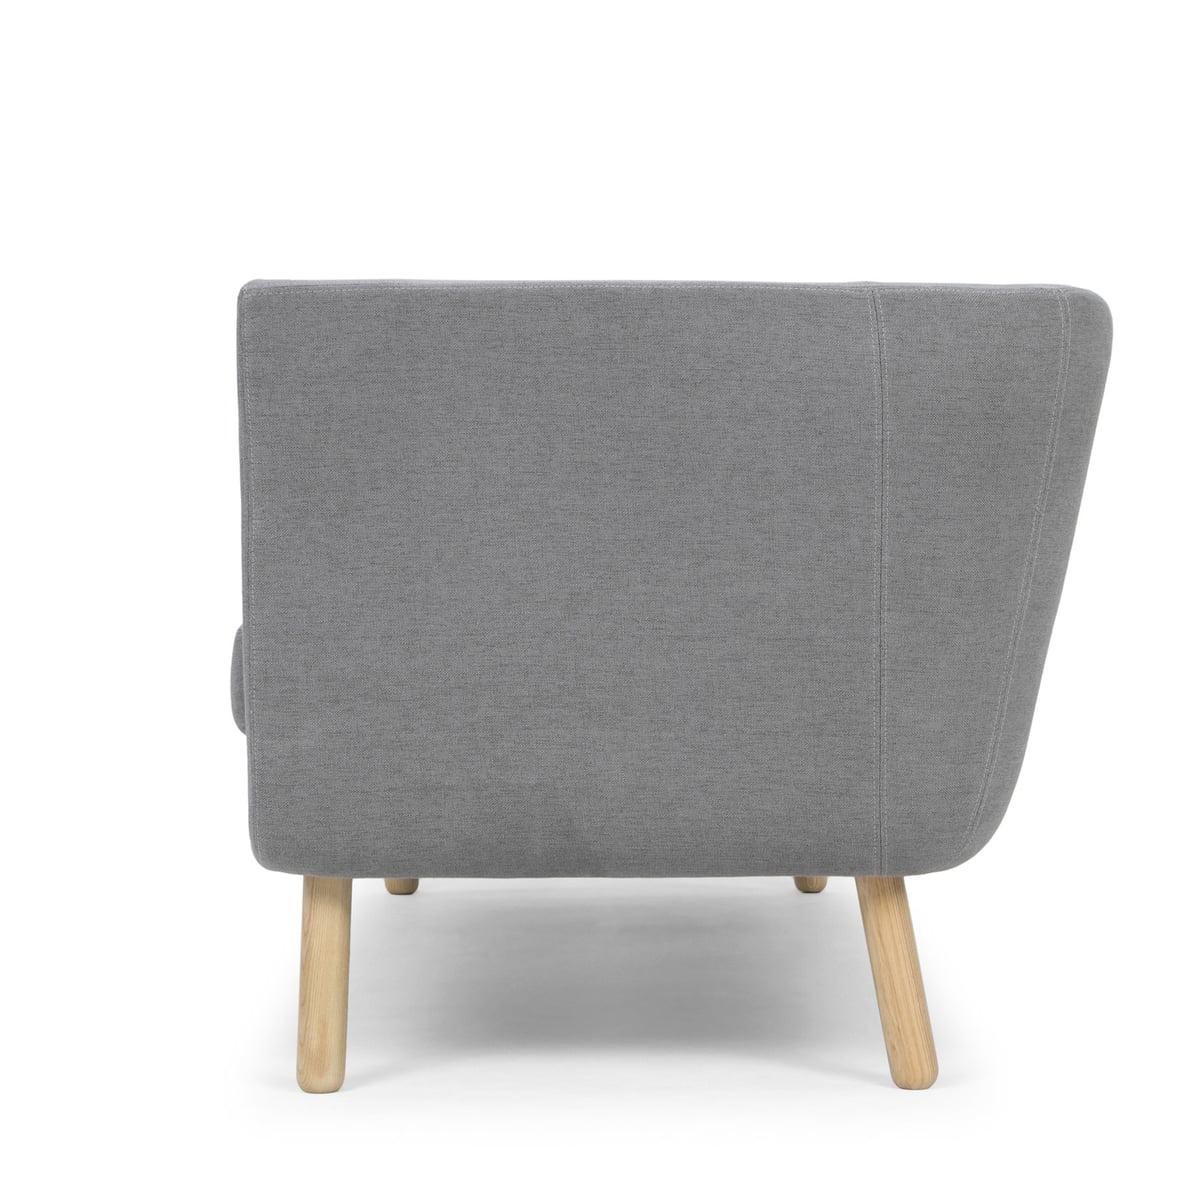 Nest sofa von design house stockholm for Sofa von der seite